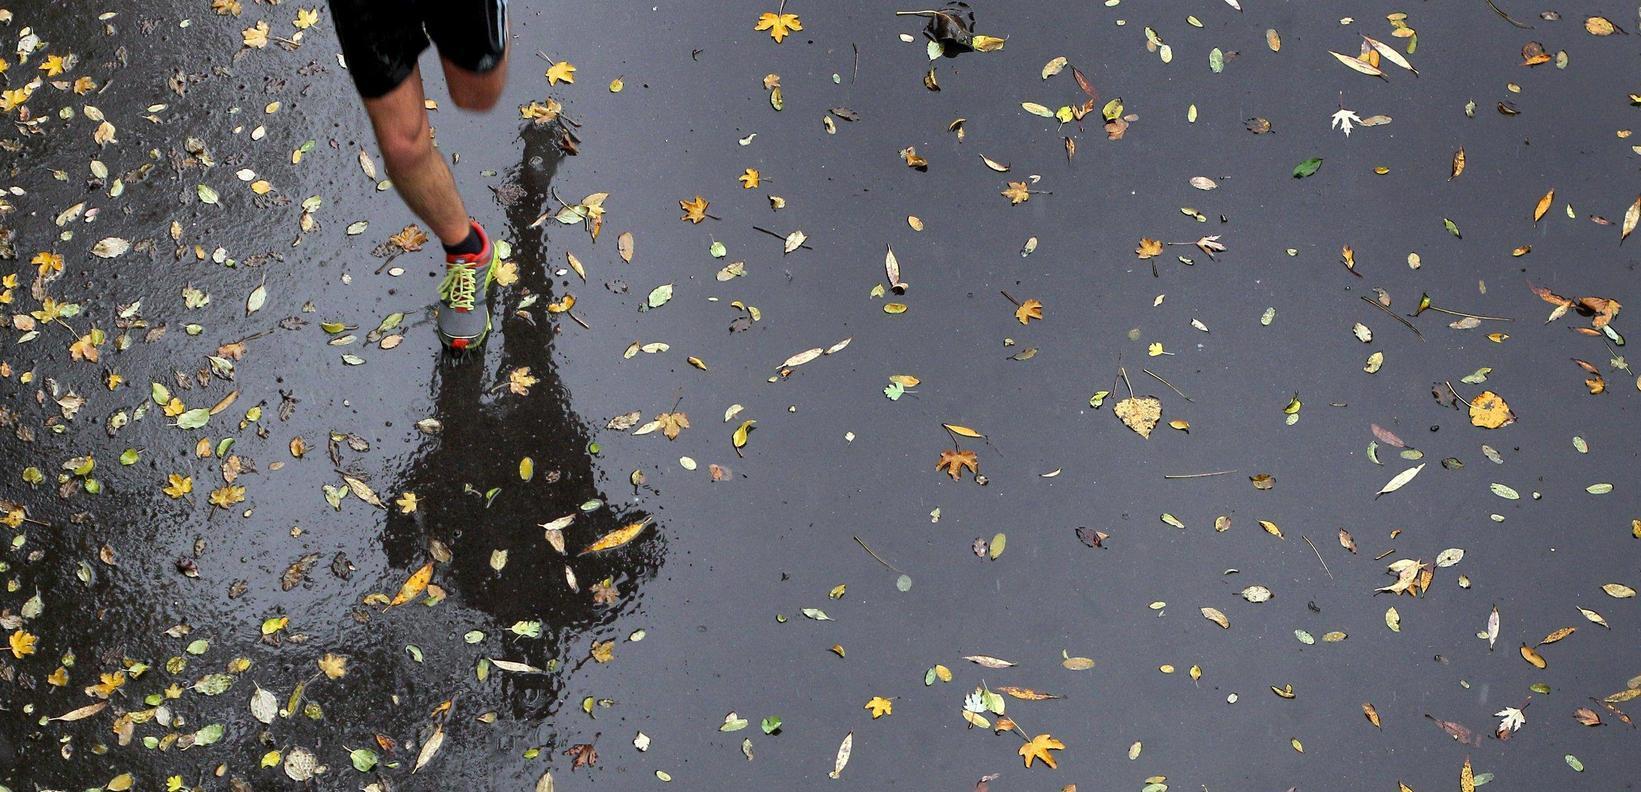 Nächste oder übernächste Woche fangen Sie wieder mit dem Joggen an? Eine typische Herbstfalle.